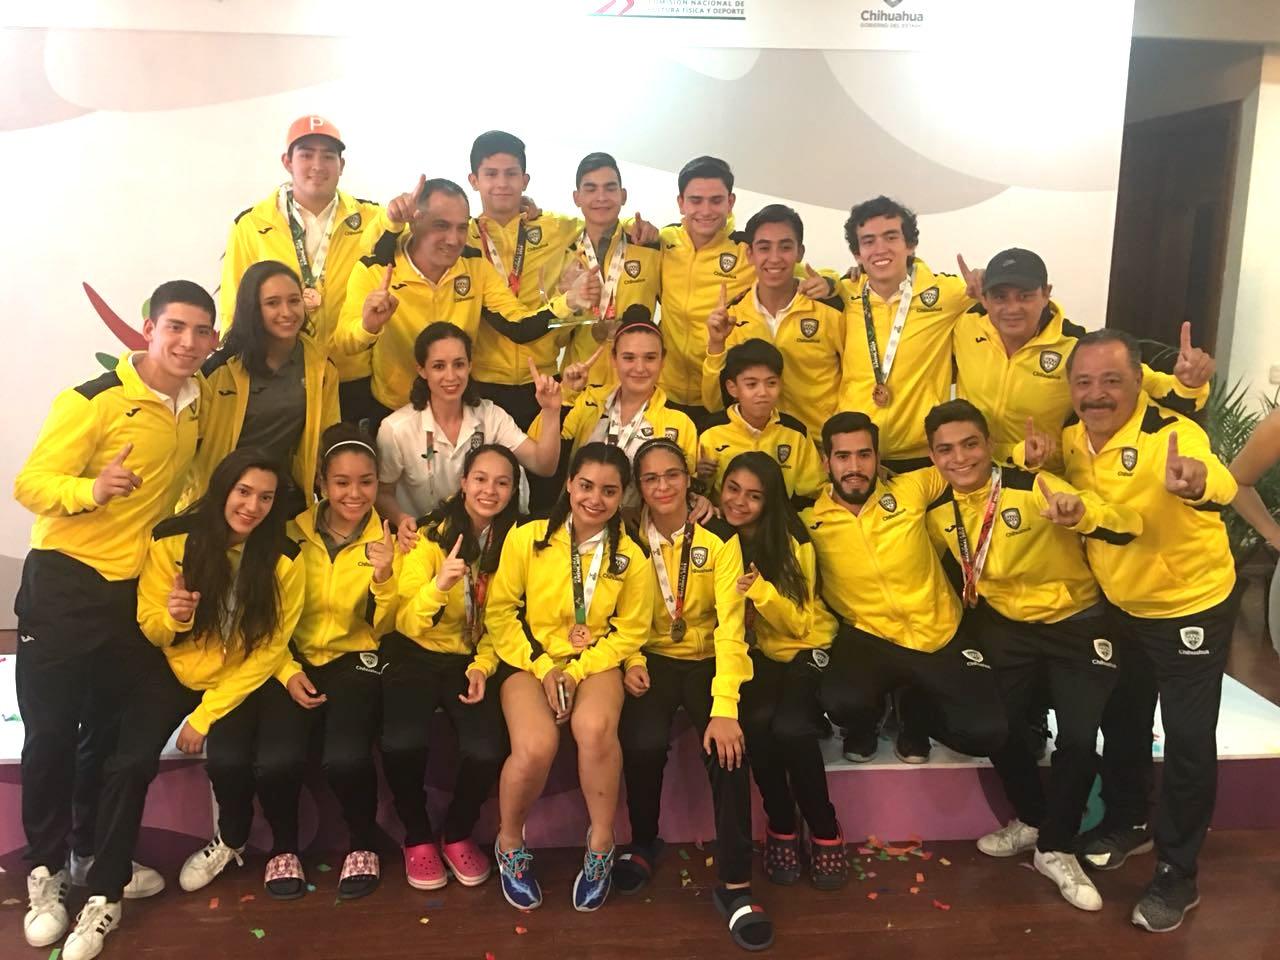 Raquet chihuahua champ